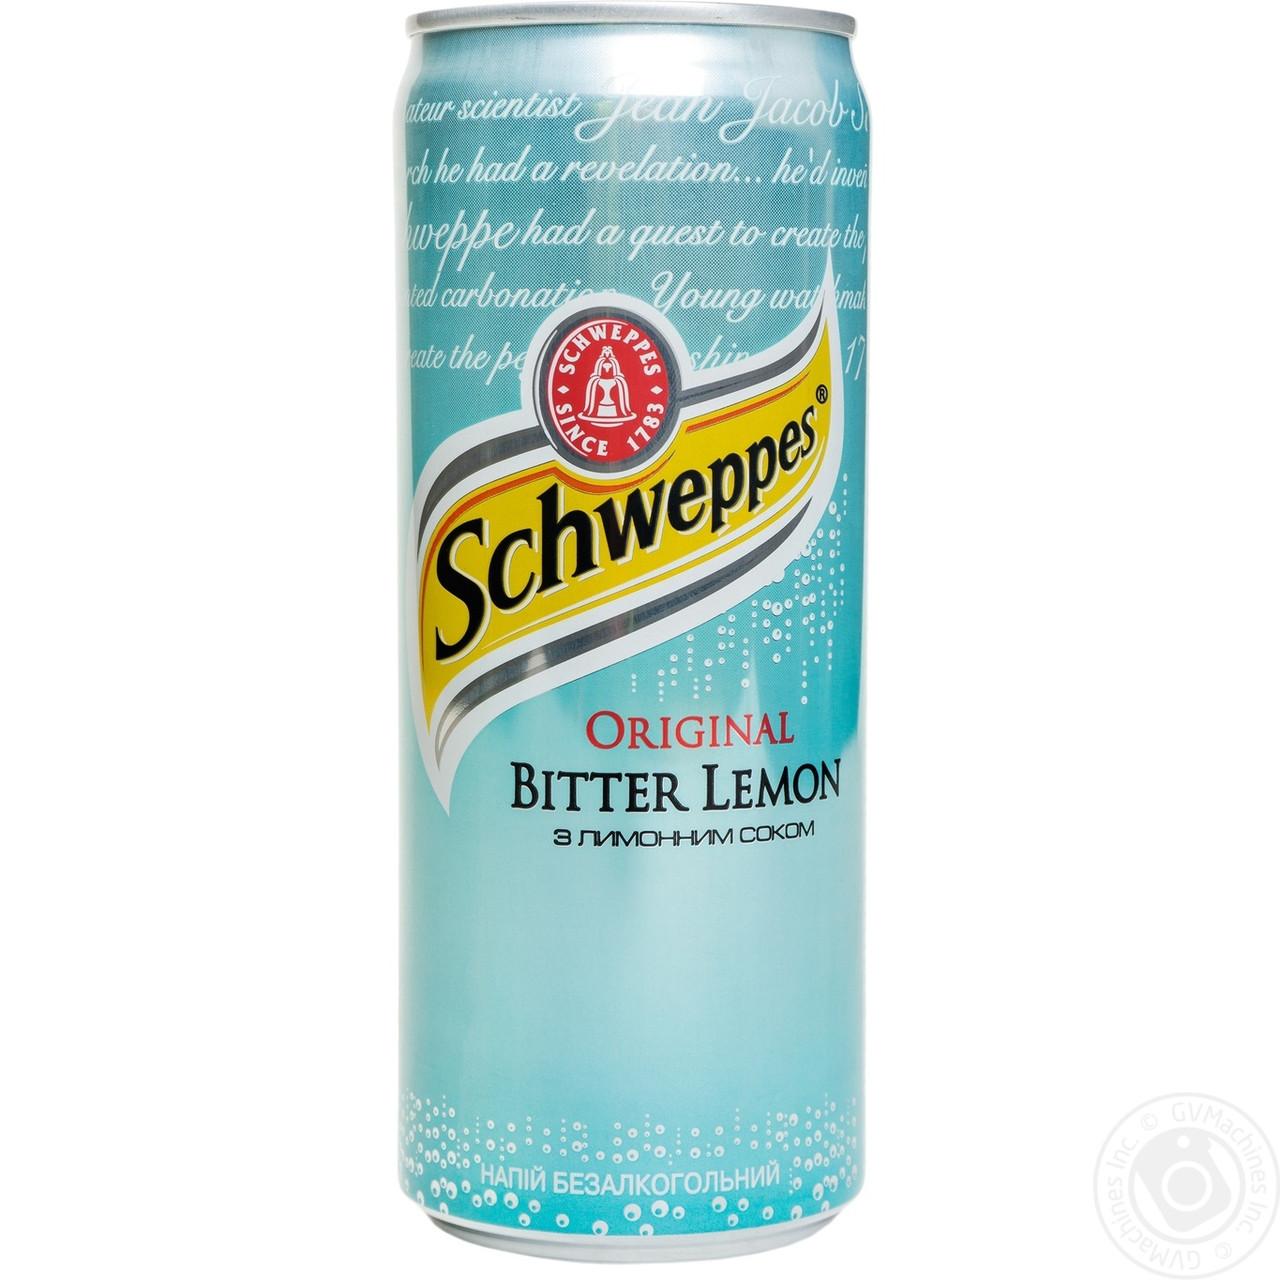 Швепс с лимонным соком 0,33л